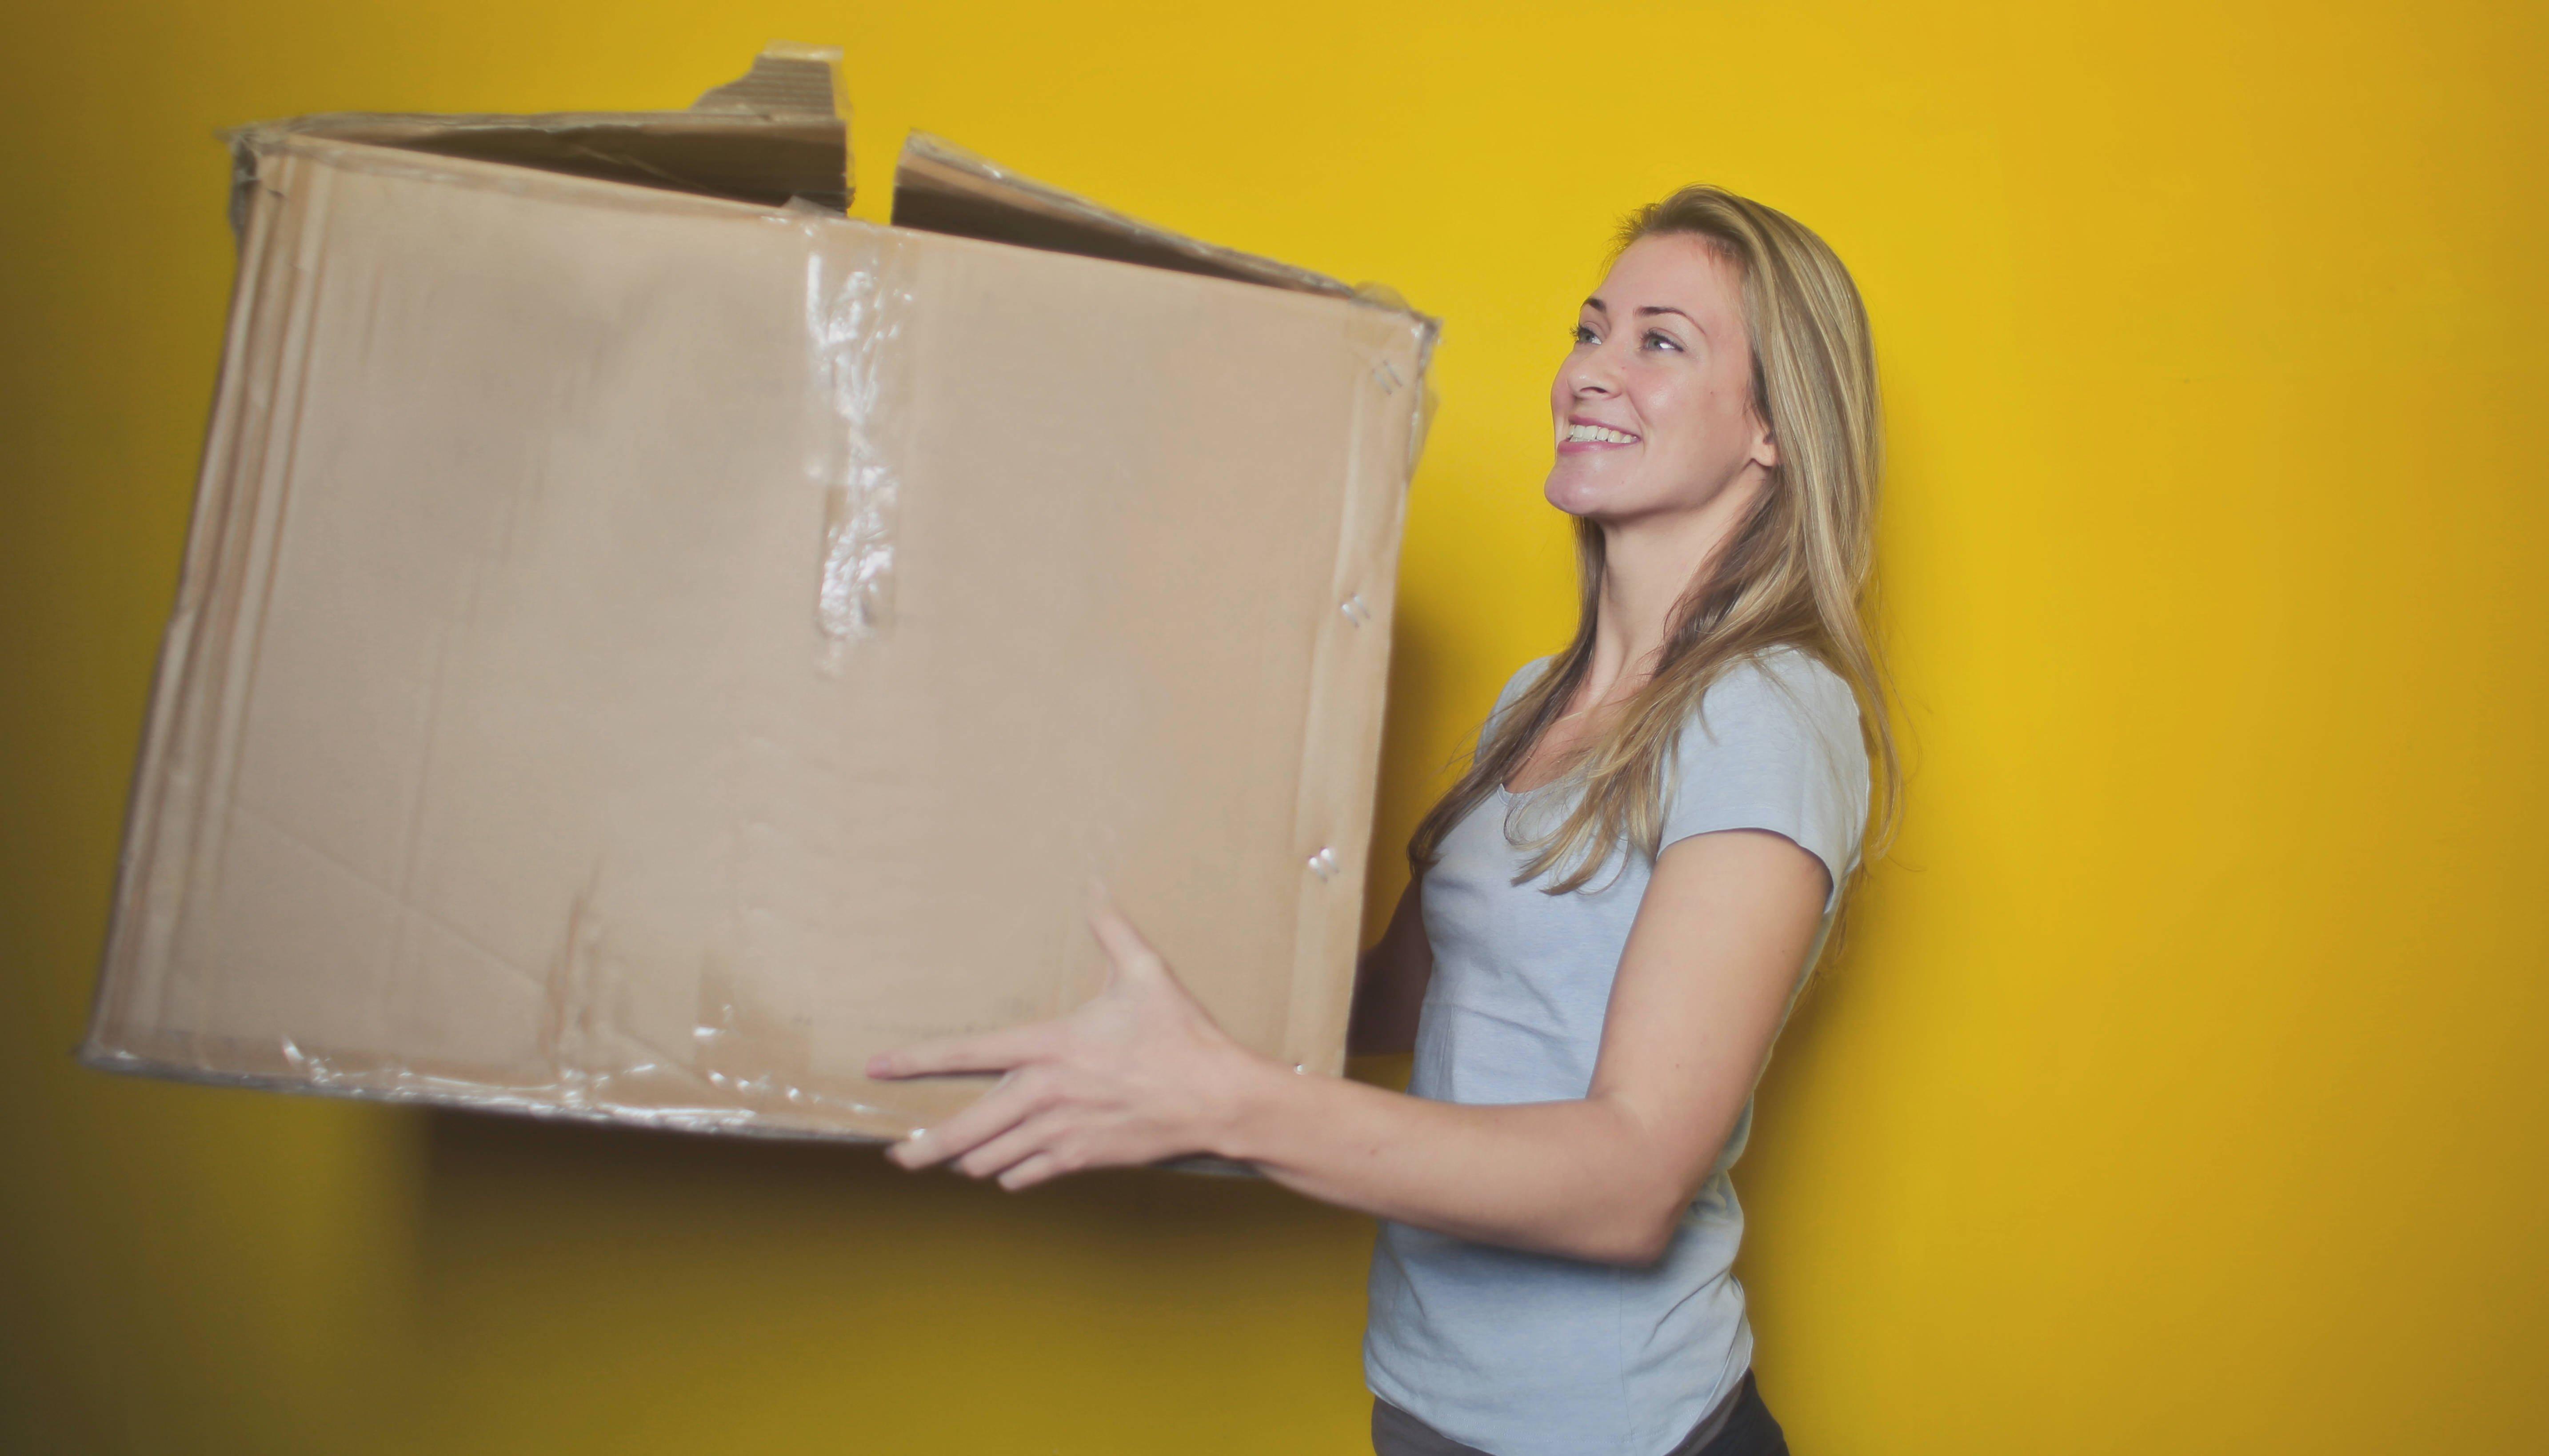 Kwetsbare jonge vrouw wil verhuizen